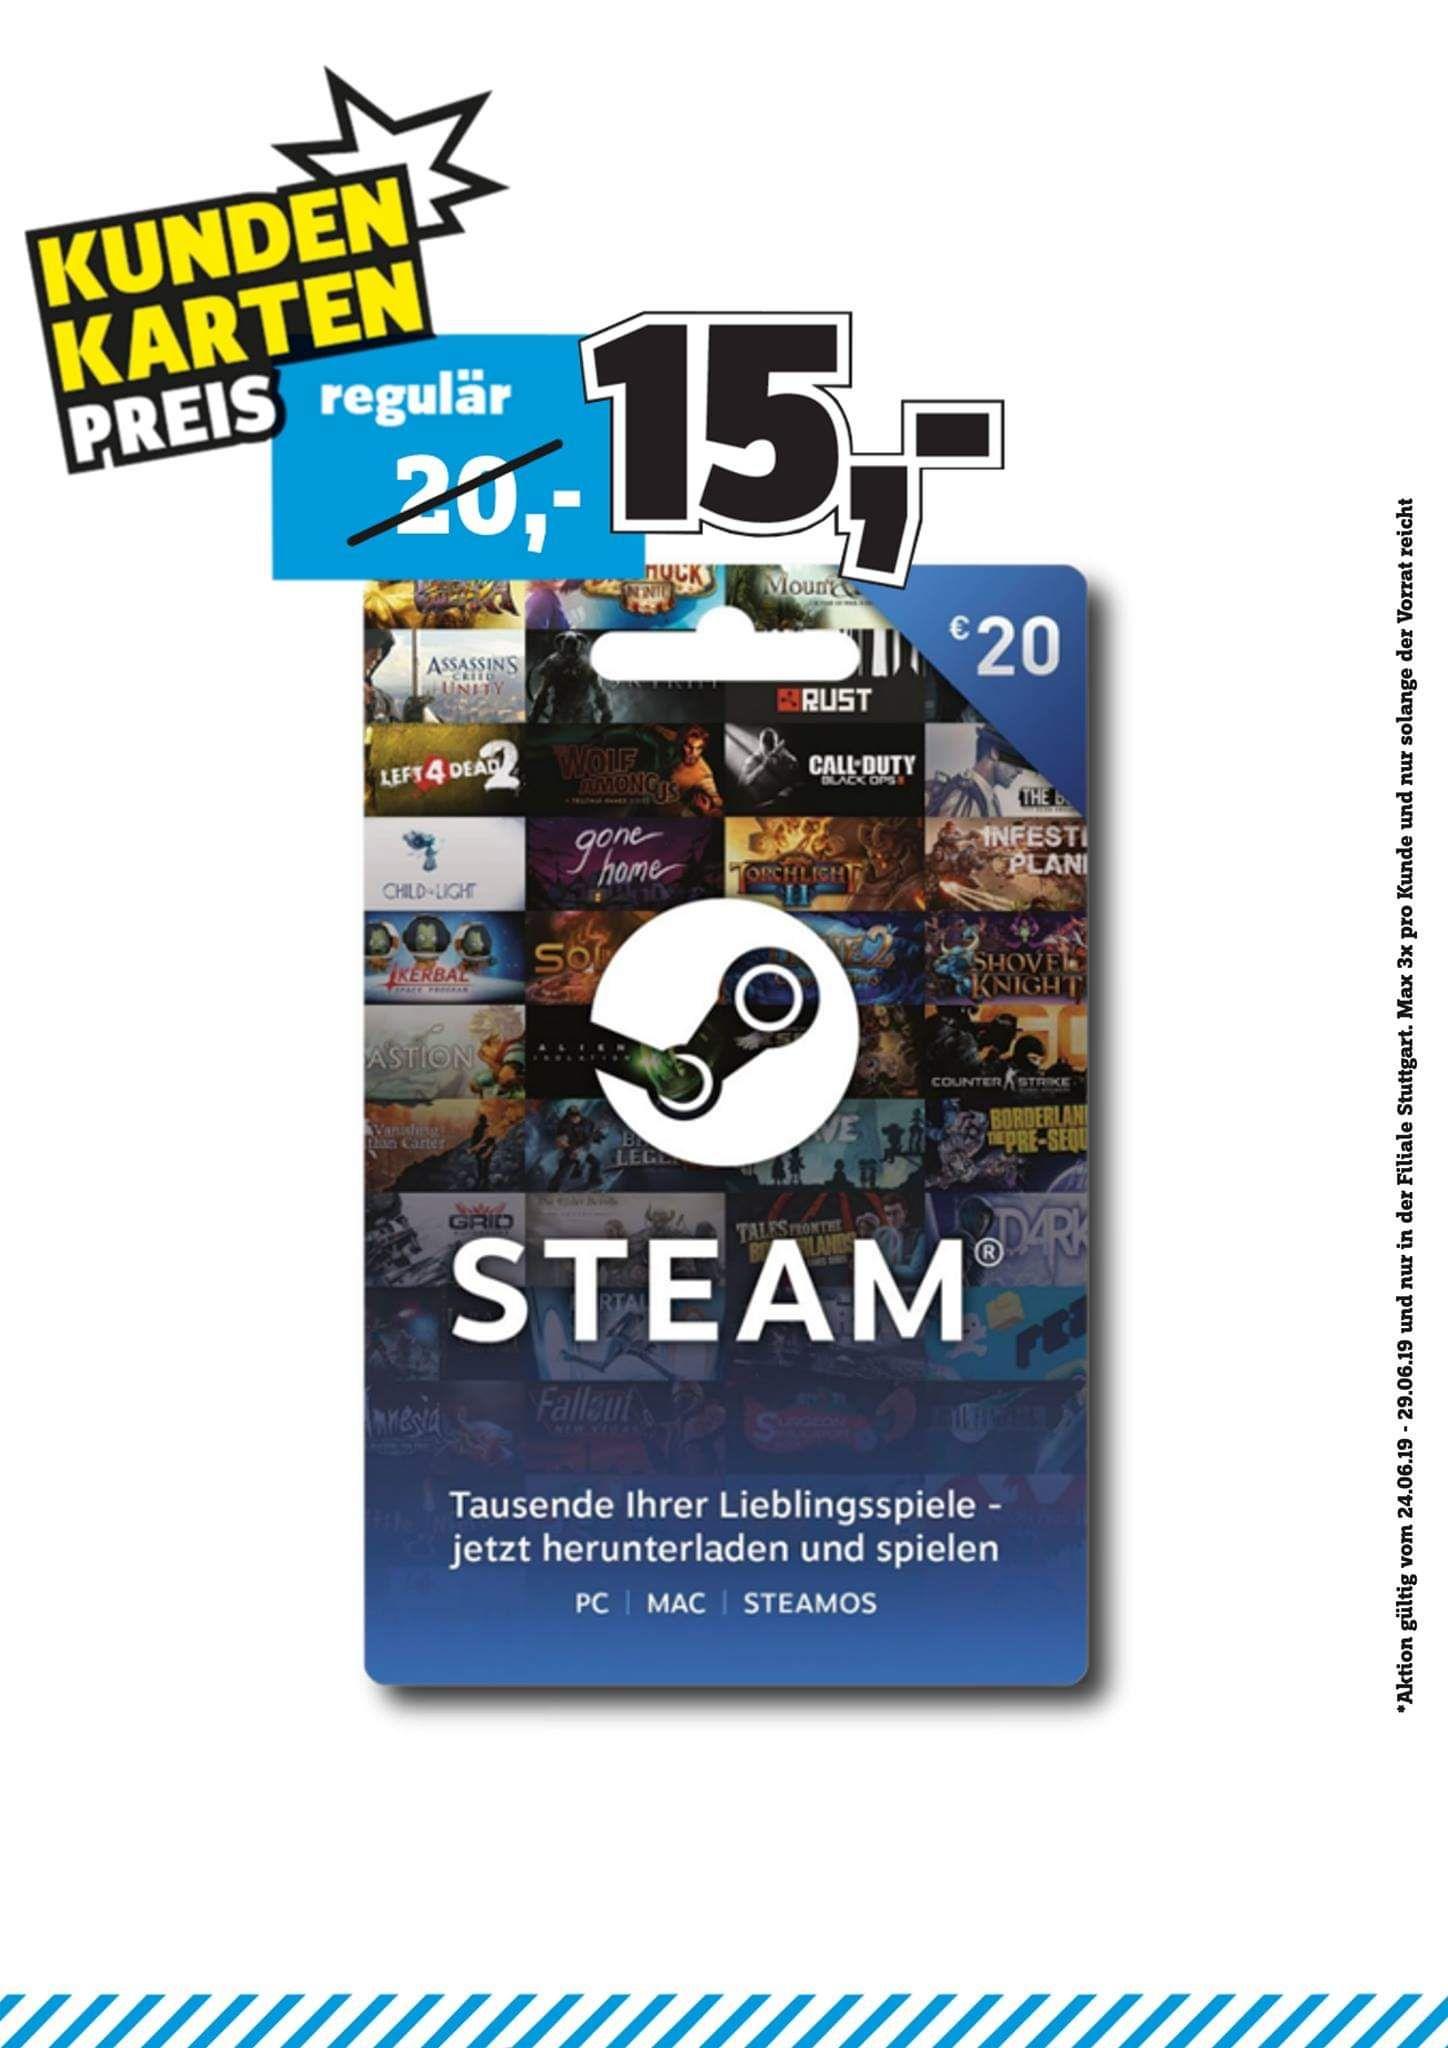 [Conrad Stuttgart] 20€ Steam Guthaben für 15€ (Kundenkarteinhaber)